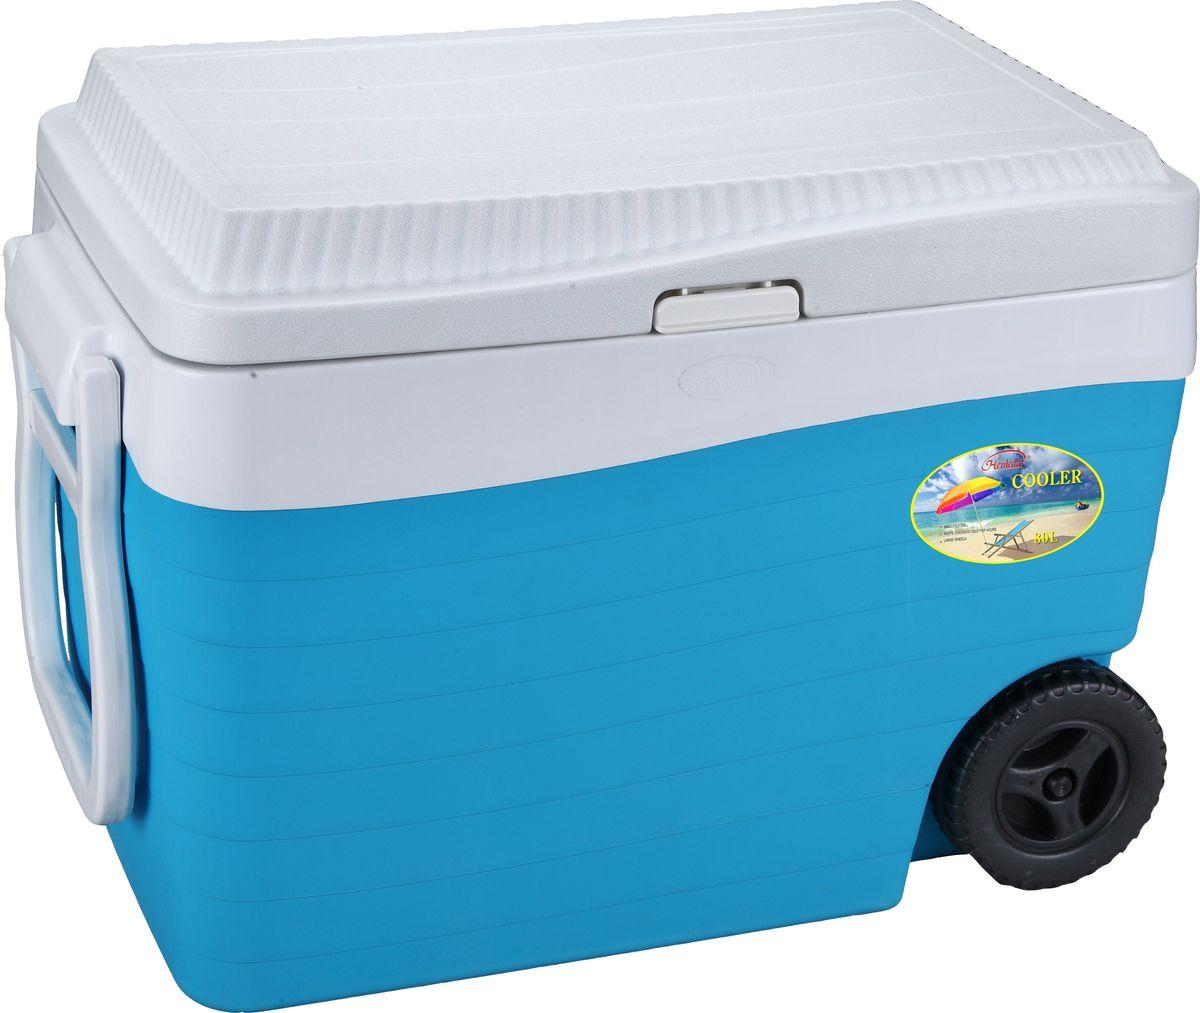 Контейнер изотермический Green Glade, на колесиках, цвет: голубой, 80 лТЕ350Удобный и прочный изотермический контейнер Green Glade предназначен для сохранения определенной температуры продуктов во время длительных поездок. Корпус и крышка контейнера изготовлены из высококачественного пластика. Между двойными стенками находится термоизоляционный слой, который обеспечивает сохранение температуры. У контейнера одно большое вместительное отделение. Крышка закрывается плотно на замок-защелку. У контейнера имеются два колеса и большая ручка для более удобной транспортировки. Также имеются две боковые ручки для переноски.В нижней части контейнера имеется заглушка, которая поможет слить воду при постепенном размораживании продуктов. При использовании аккумулятора холода контейнер обеспечивает сохранение продуктов холодными 12-14 часов. Контейнер такого размера идеально подойдет для пикника или для поездки на дачу, или просто для длительной поездки.Контейнеры Green Glade можно использовать не только для сохранения холодных продуктов, но и для транспортировки горячих блюд. В этом случае аккумуляторы нагреваются в горячей воде (температура около 80°С) и превращаются в аккумуляторы тепла. Подготовленные блюда перед транспортировкой подогреваются и укладываются в контейнер. Объем контейнера: 80 л.Размер контейнера: 64 см х 50 см х39 см.